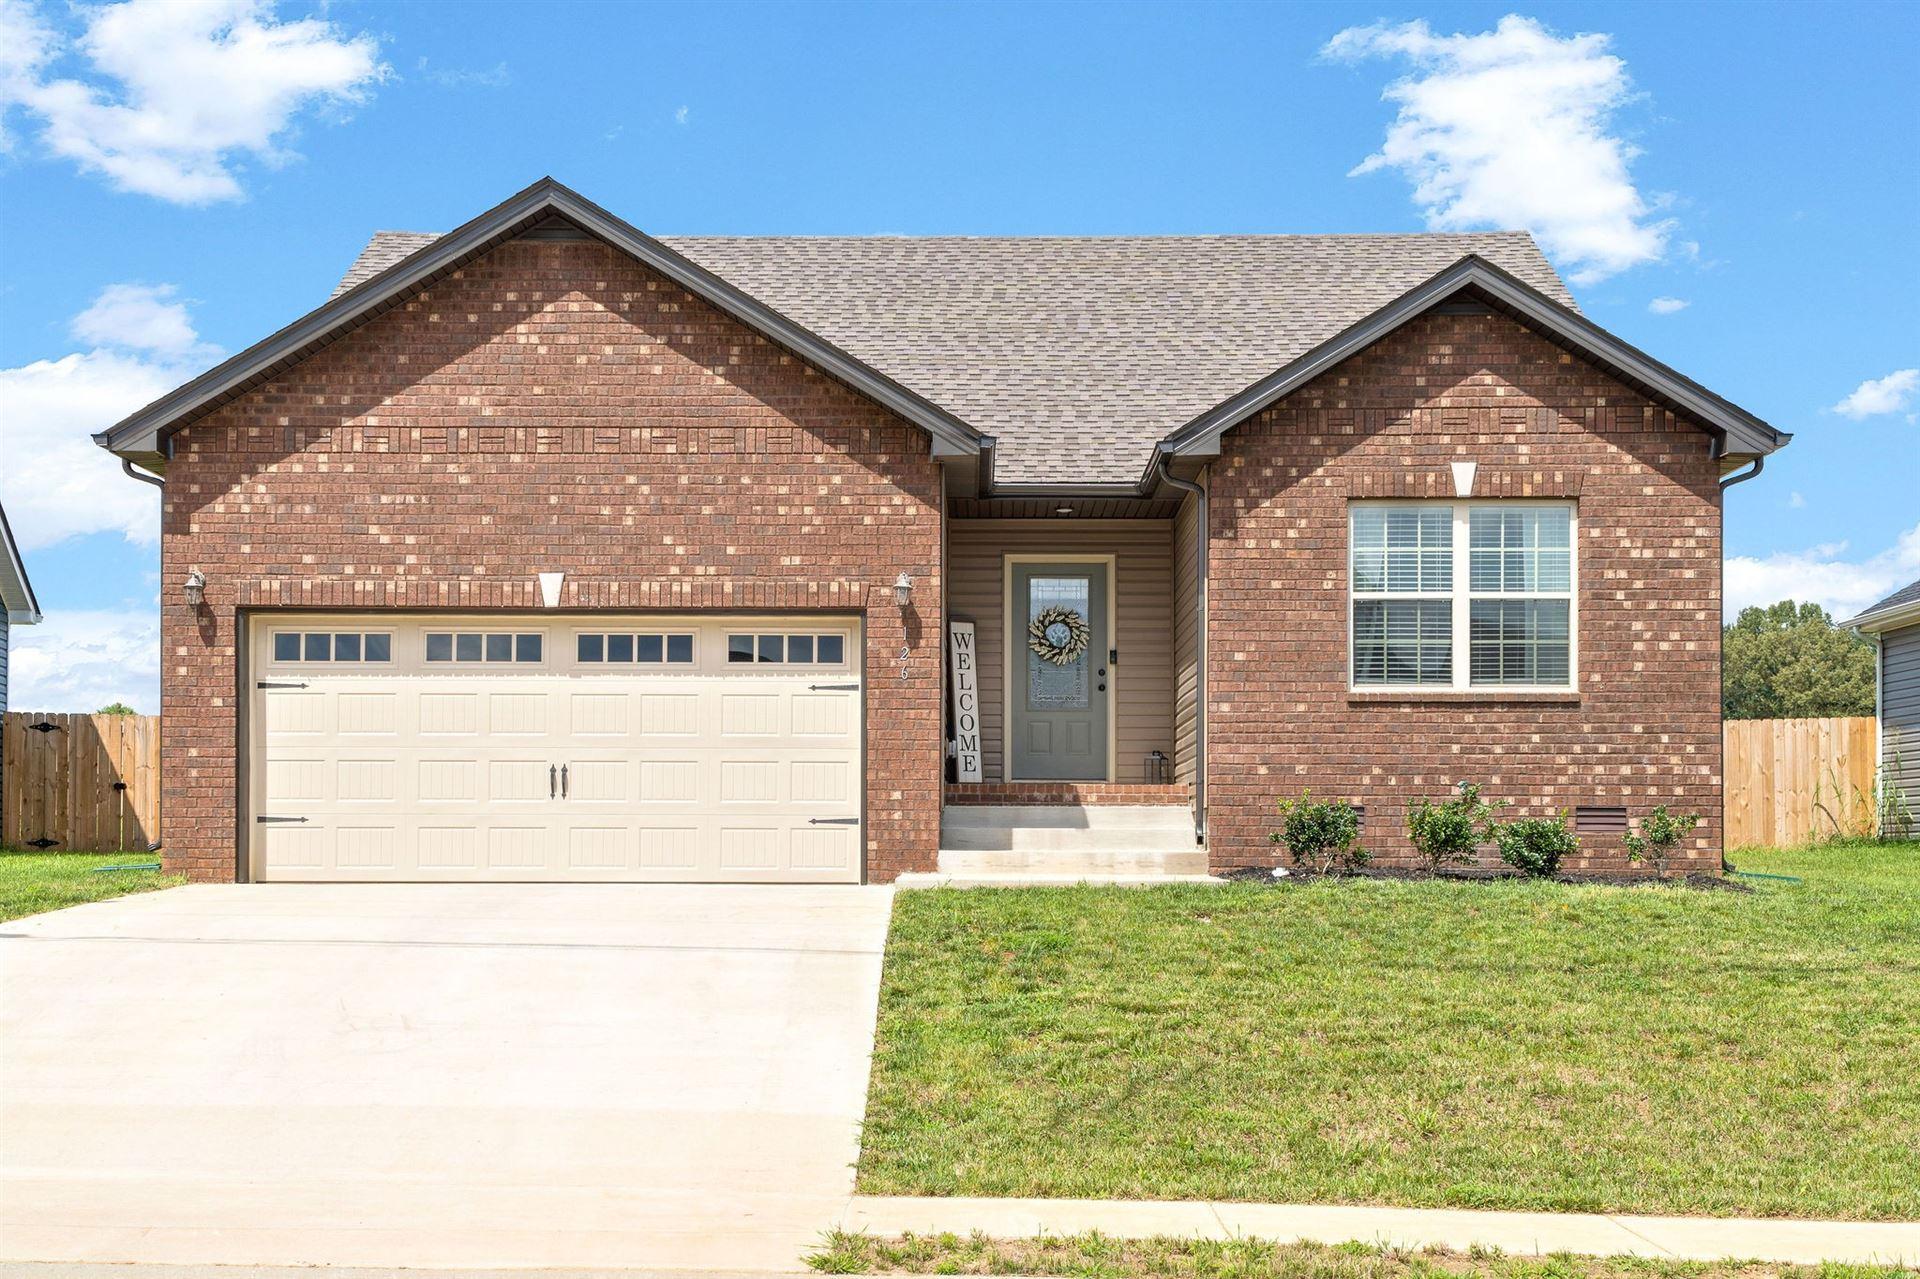 126 Ambridge St, Oak Grove, KY 42262 - MLS#: 2177250